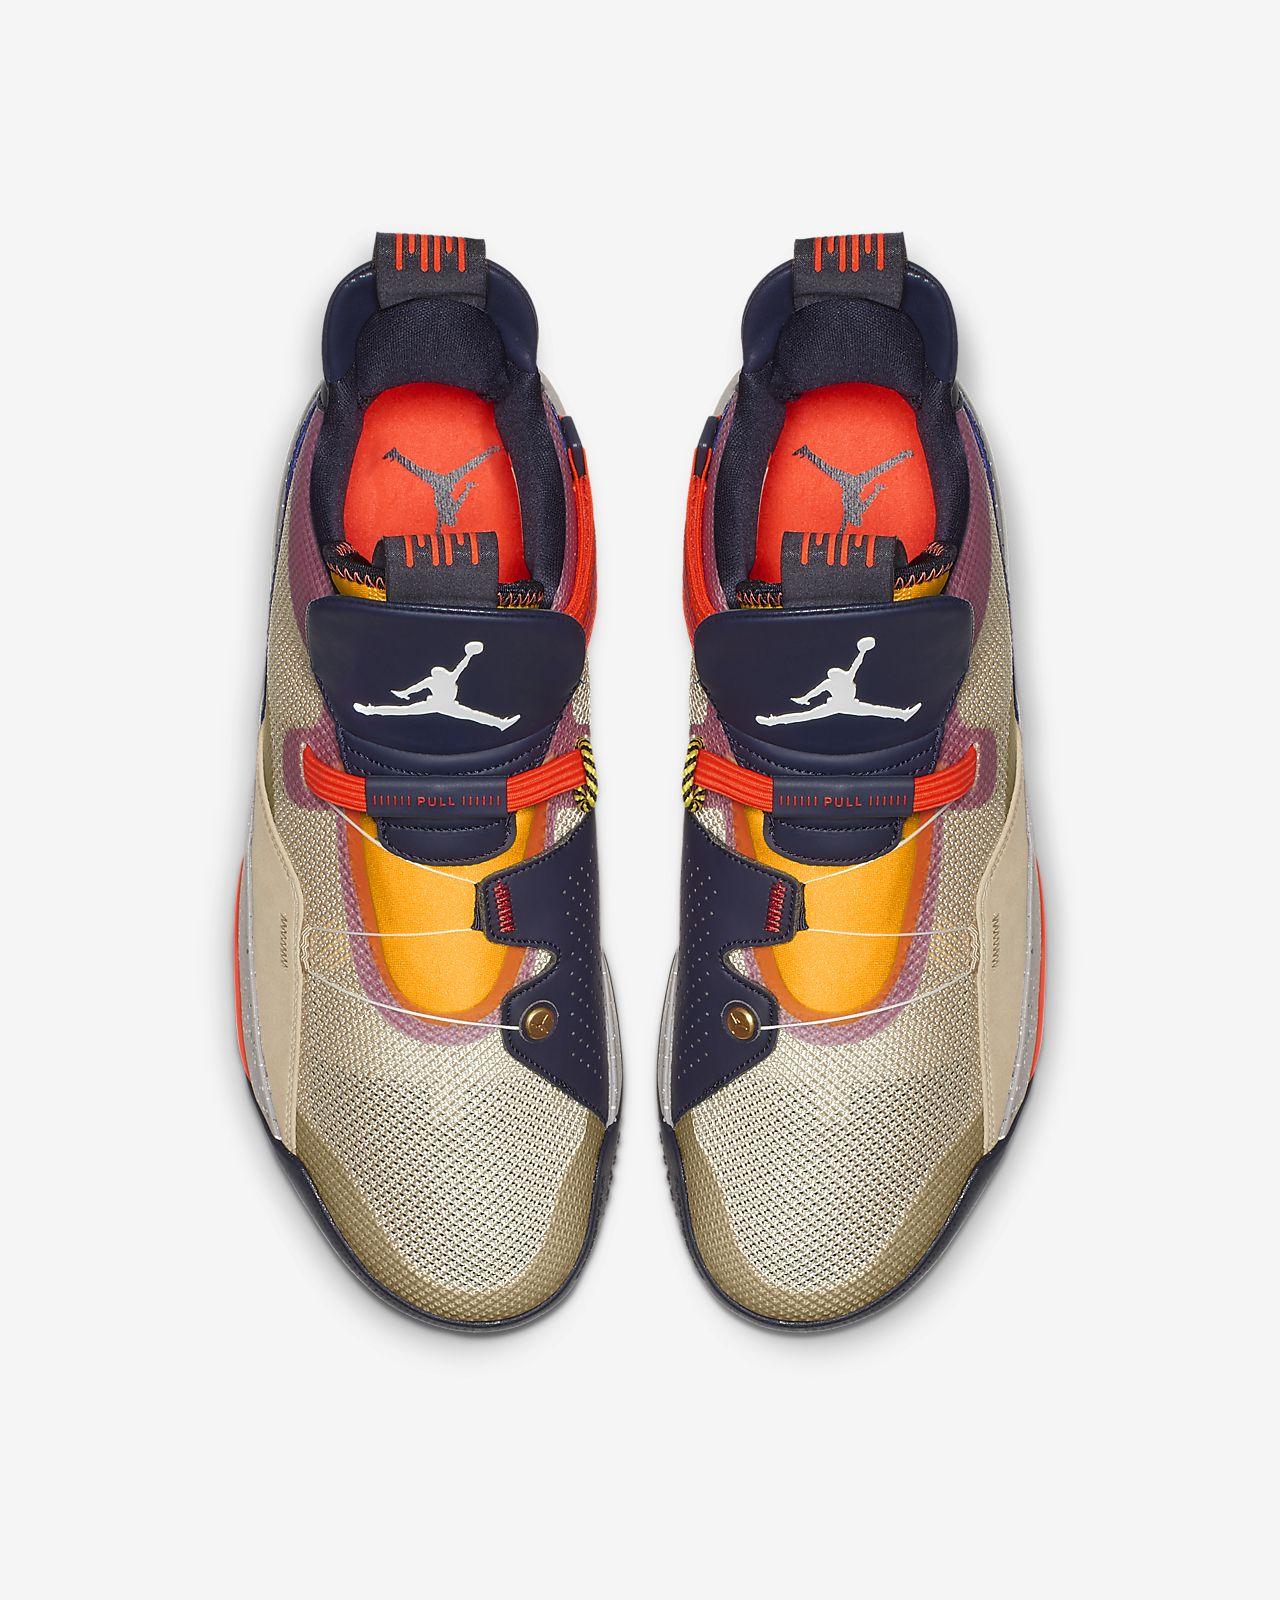 582c009f2f15 Low Resolution Air Jordan XXXIII Basketball Shoe Air Jordan XXXIII  Basketball Shoe